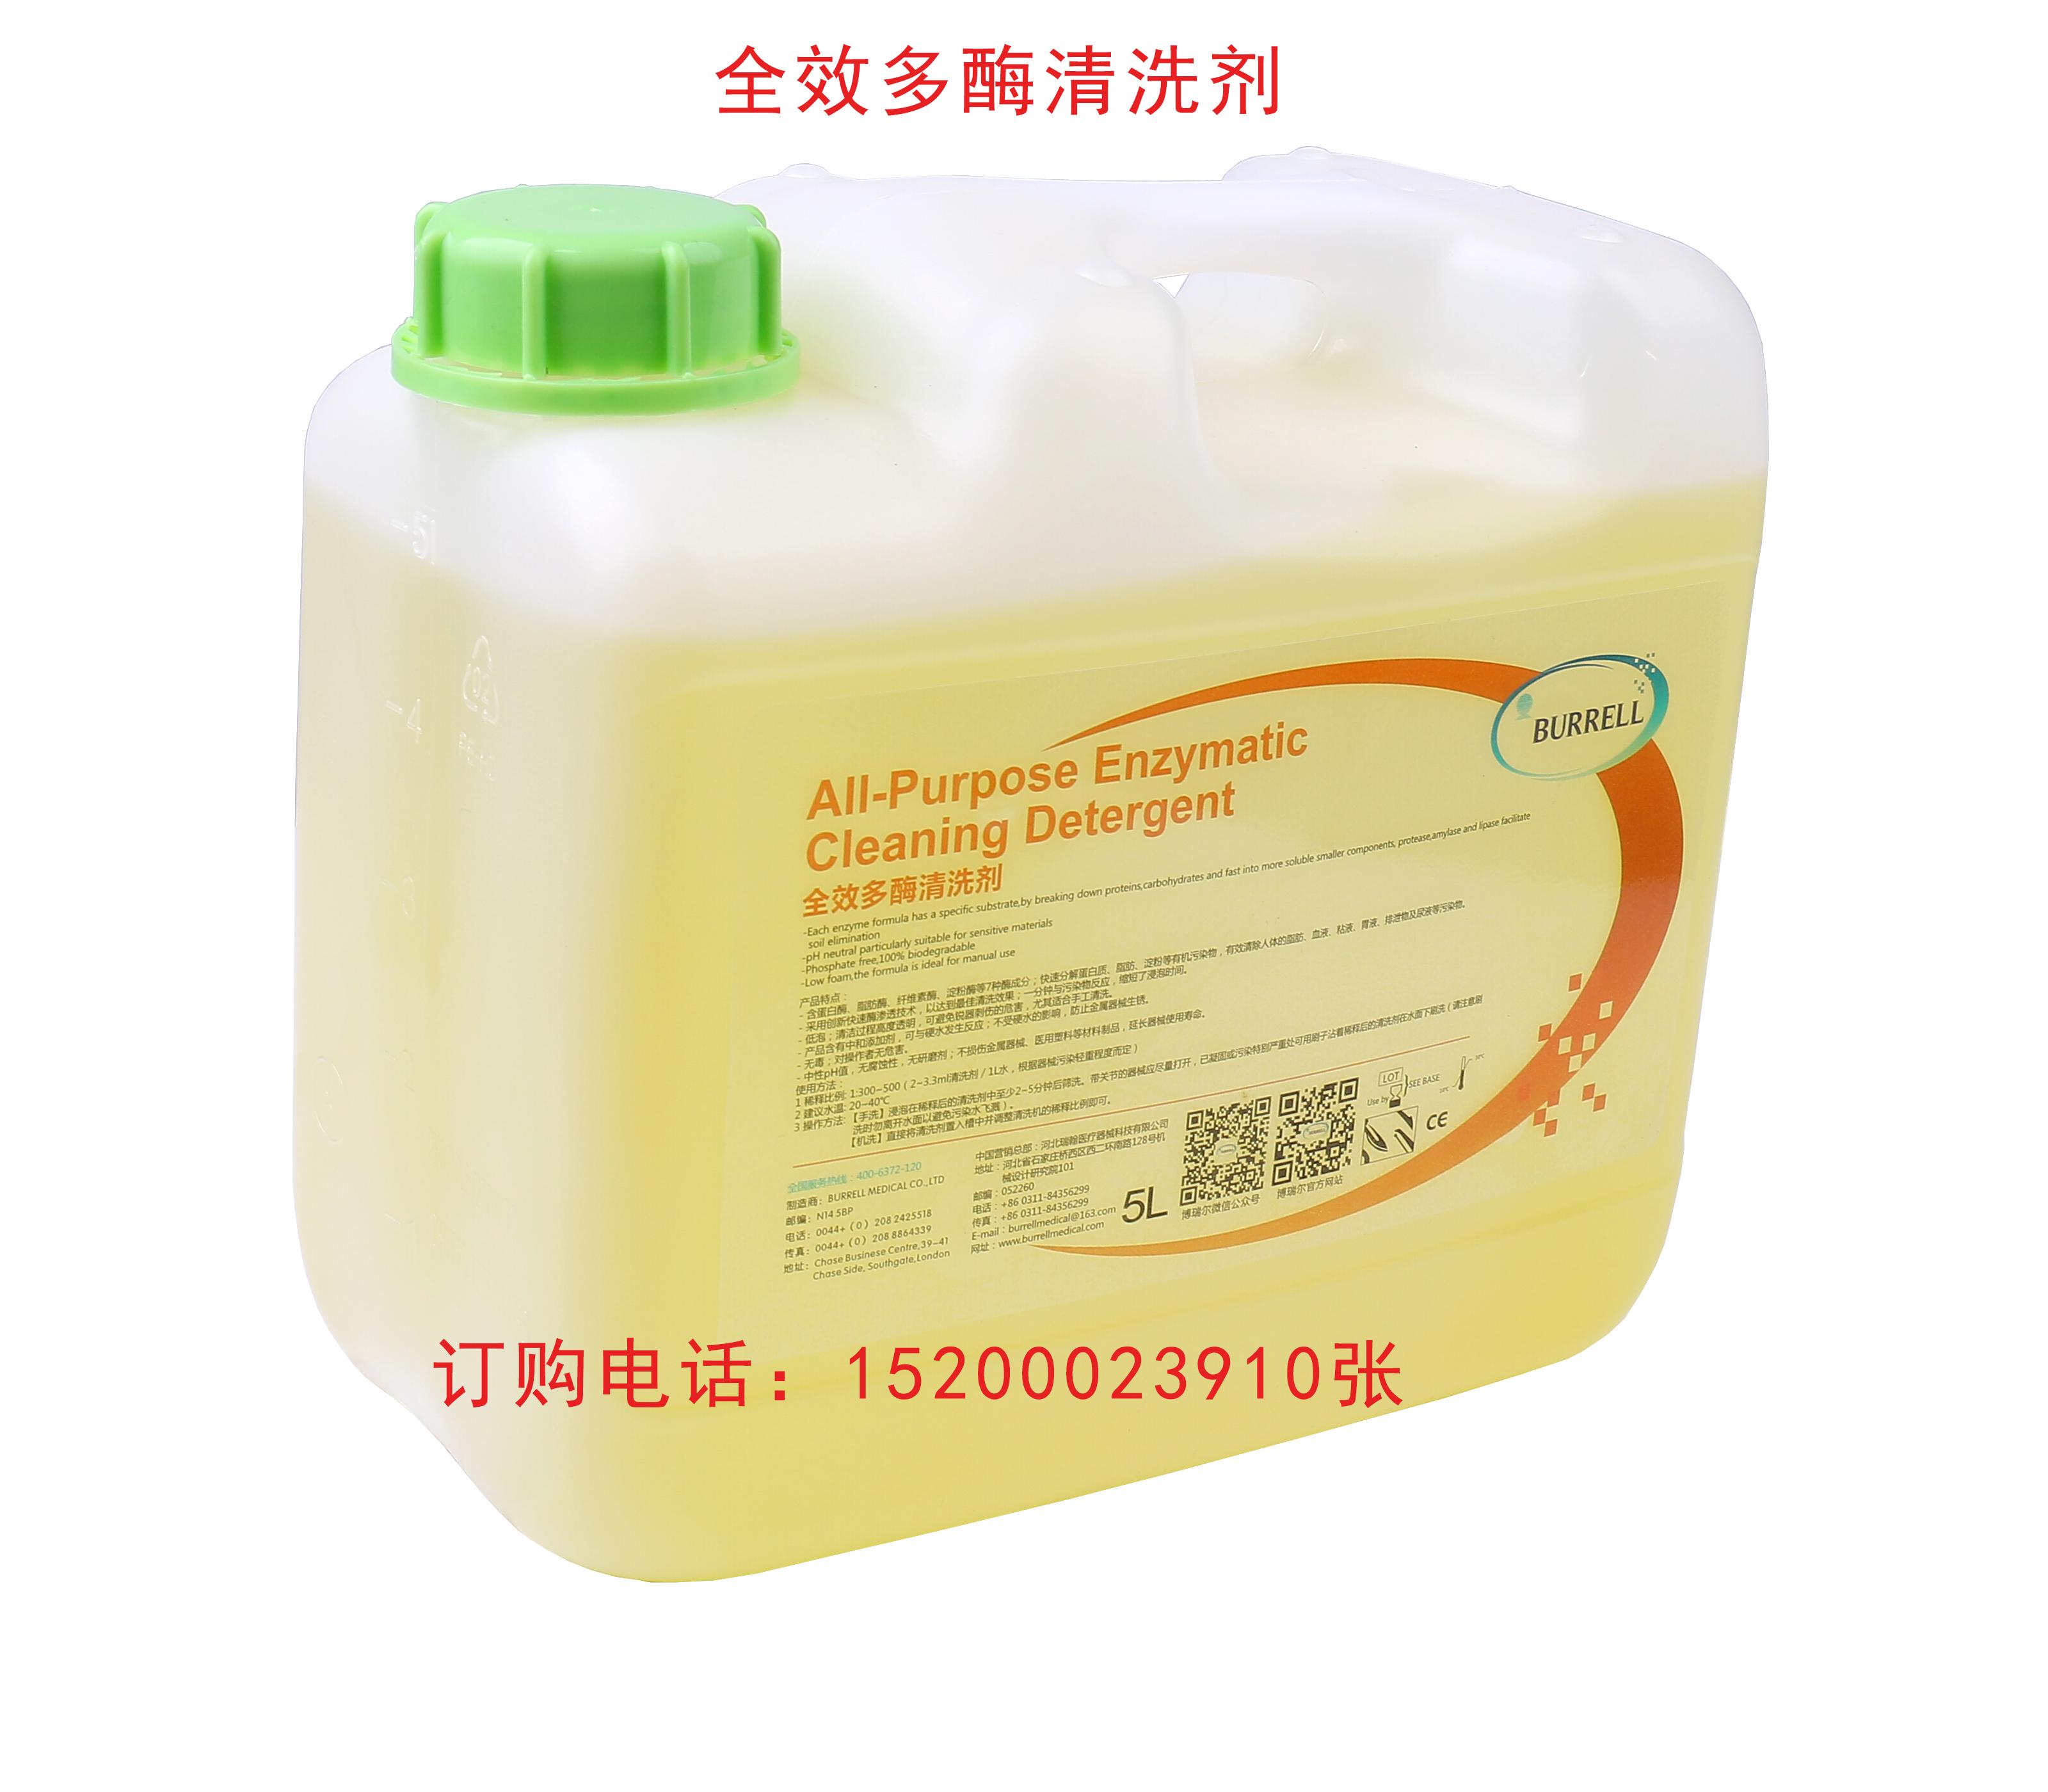 BURRELL清洗类全效多酶清洗剂5L/桶